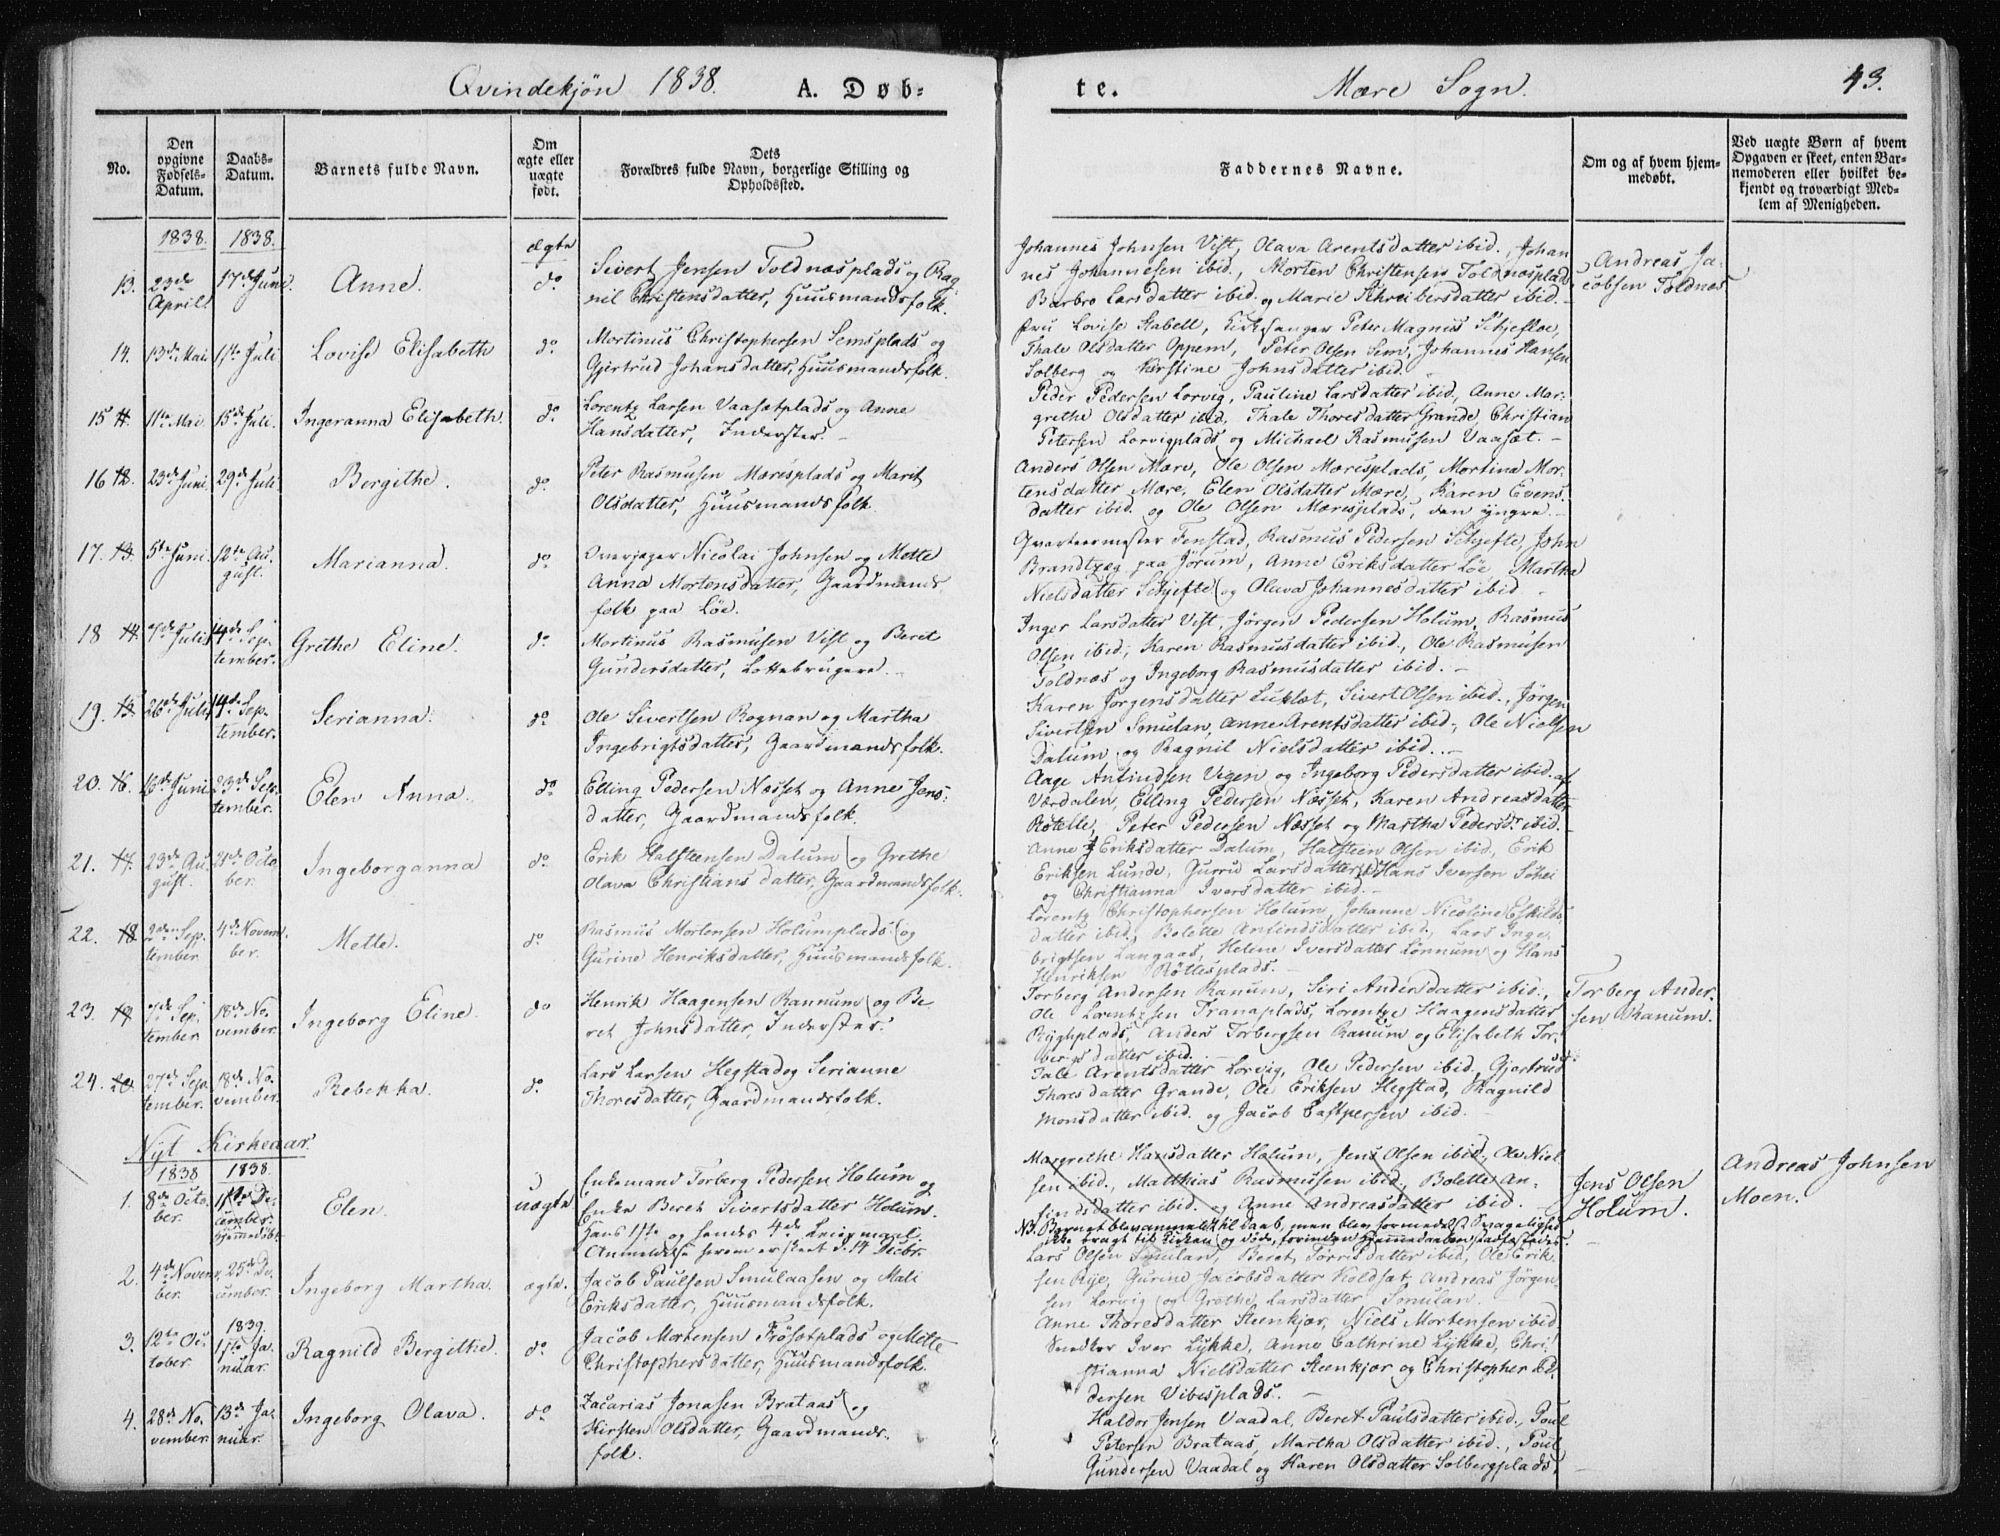 SAT, Ministerialprotokoller, klokkerbøker og fødselsregistre - Nord-Trøndelag, 735/L0339: Ministerialbok nr. 735A06 /1, 1836-1848, s. 43